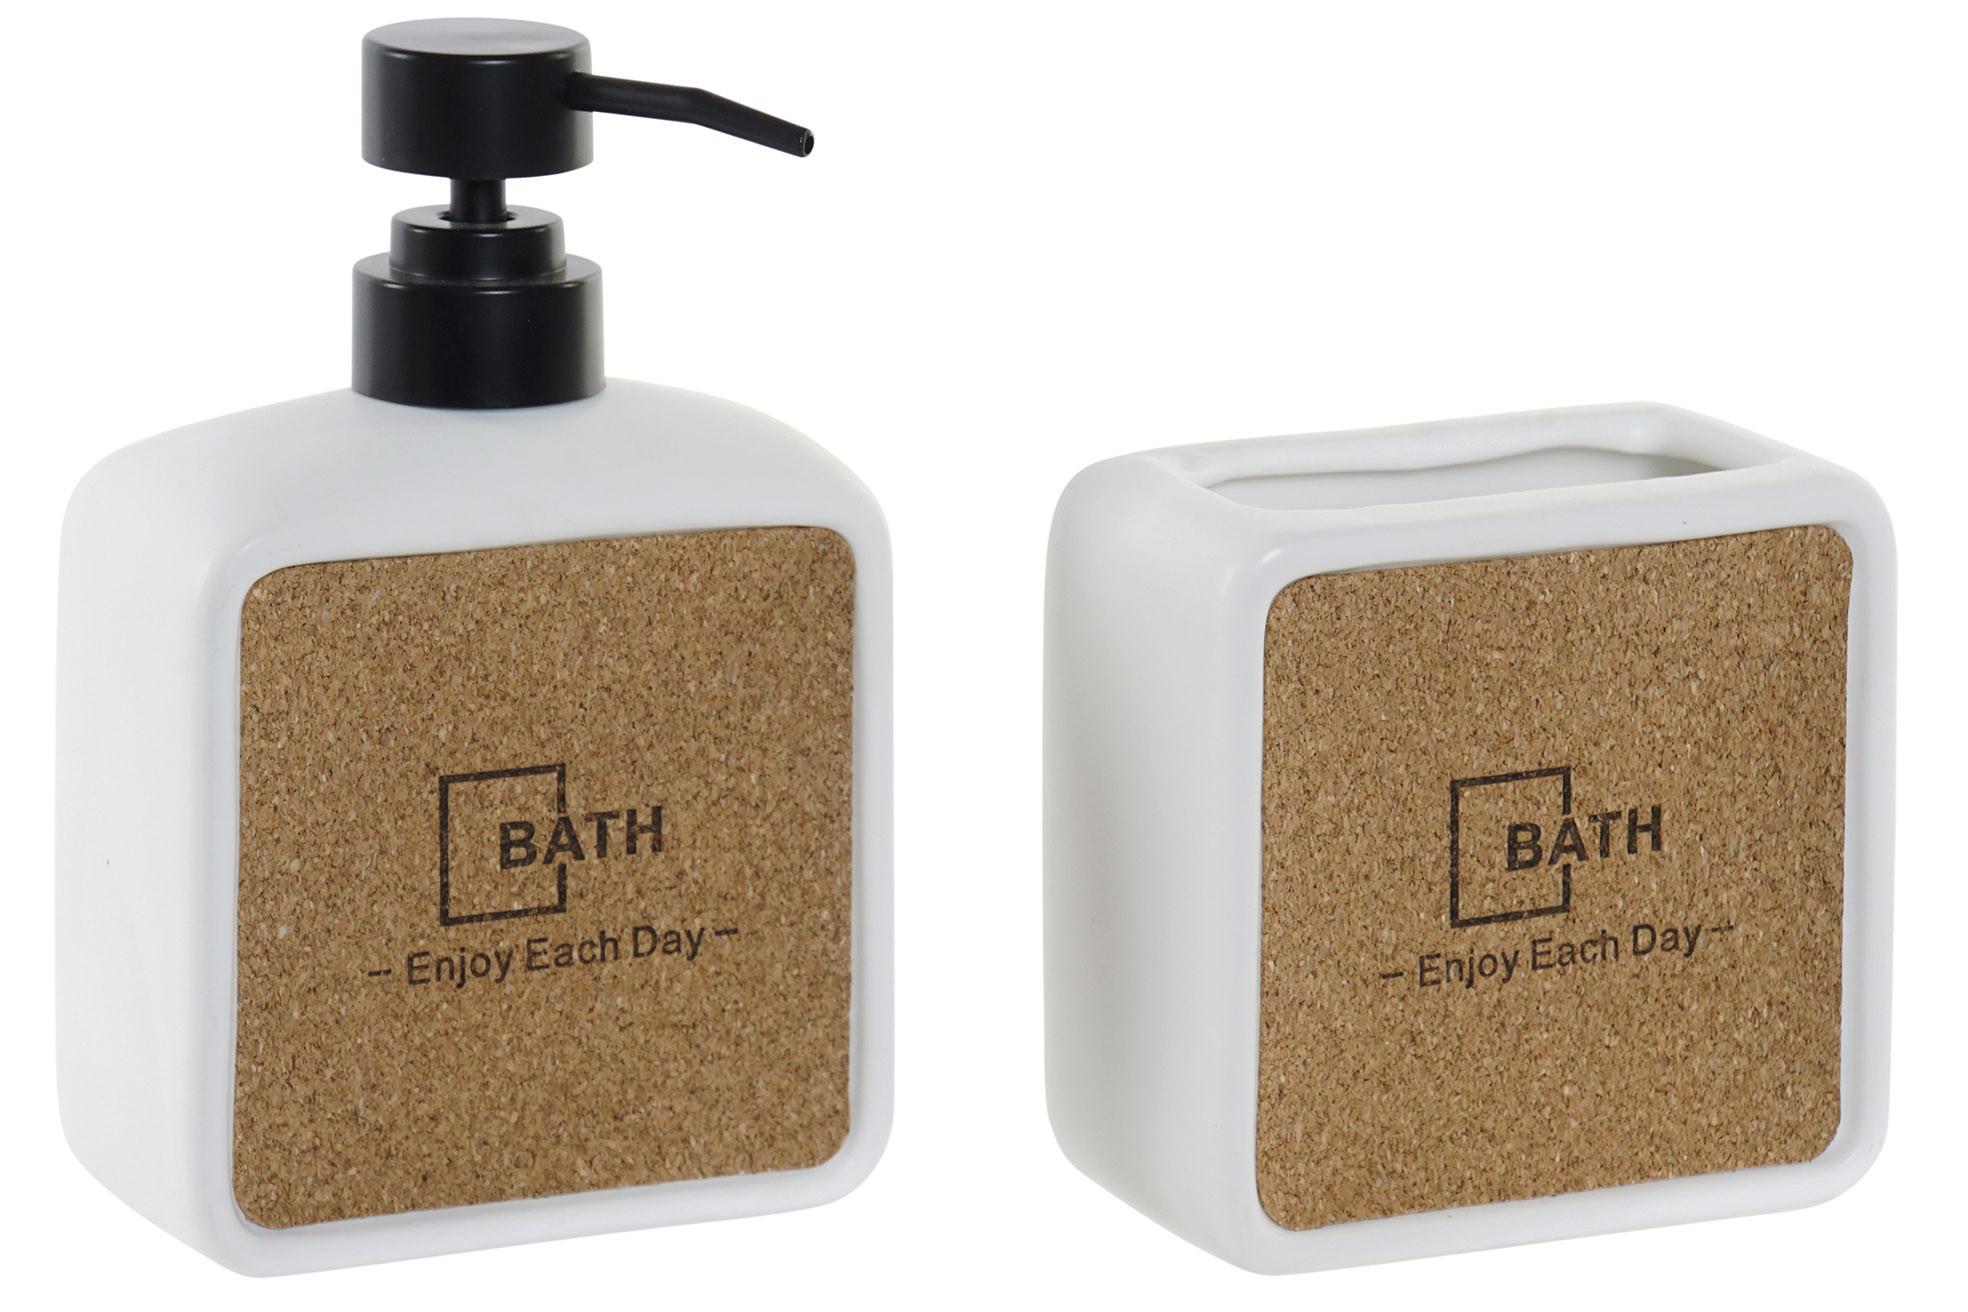 Jabonera y Portacepillos de Porcelana y Corcho, Juegos de Baño Originales Set de 2. Accesorios Baño 10X5X16 cm